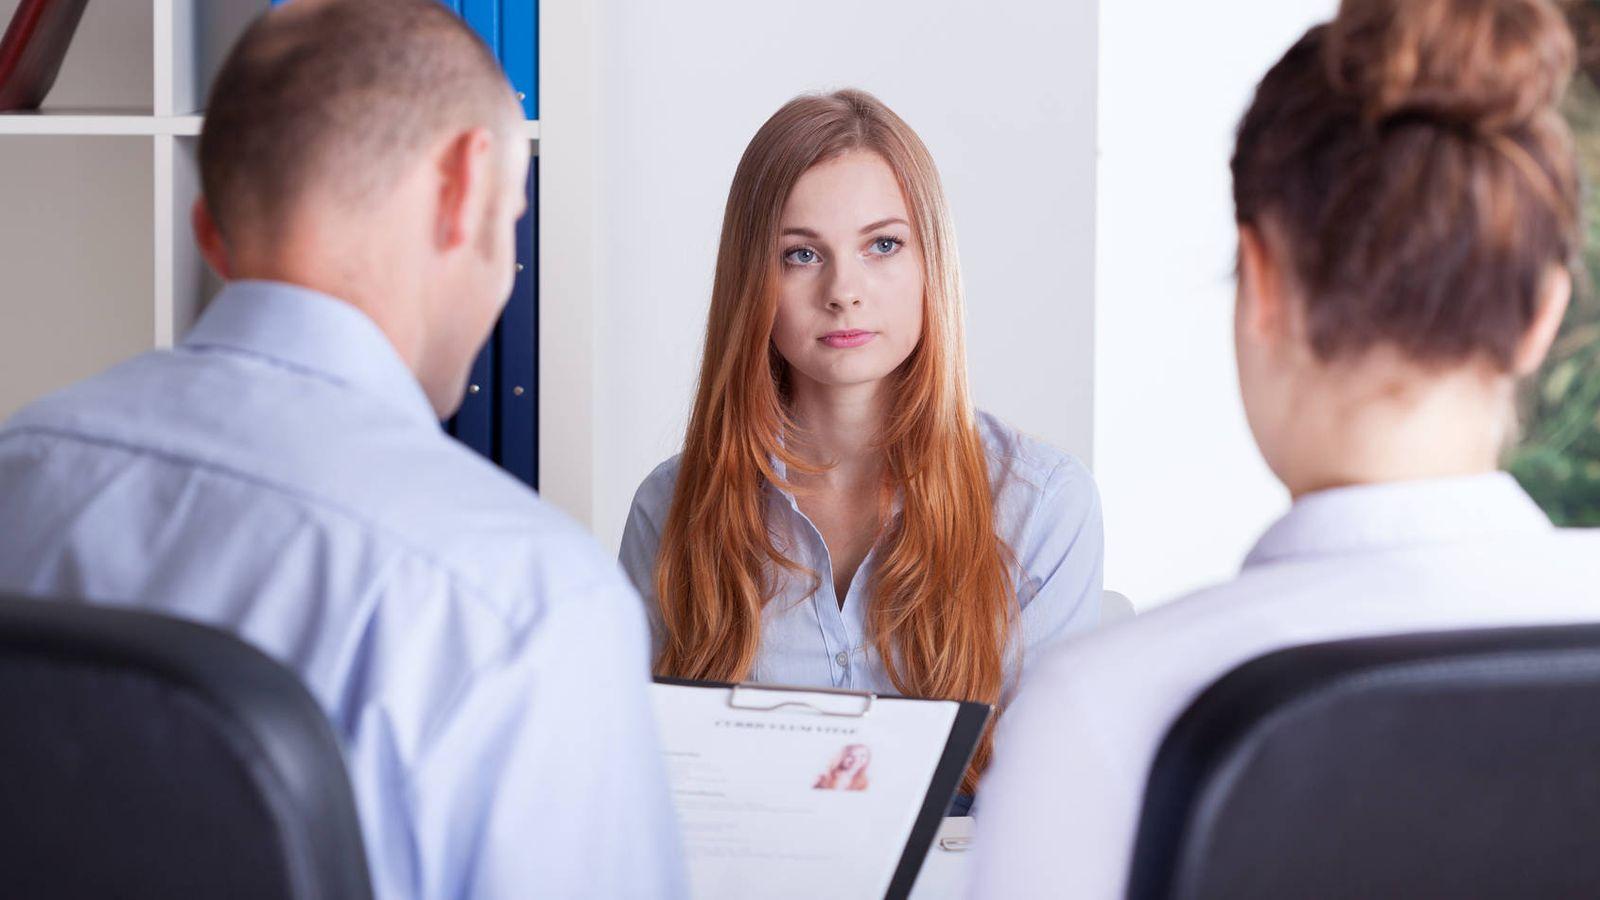 cf5fea2af Trabajo  Las 10 preguntas con las que van a pillarte en una entrevista de  trabajo